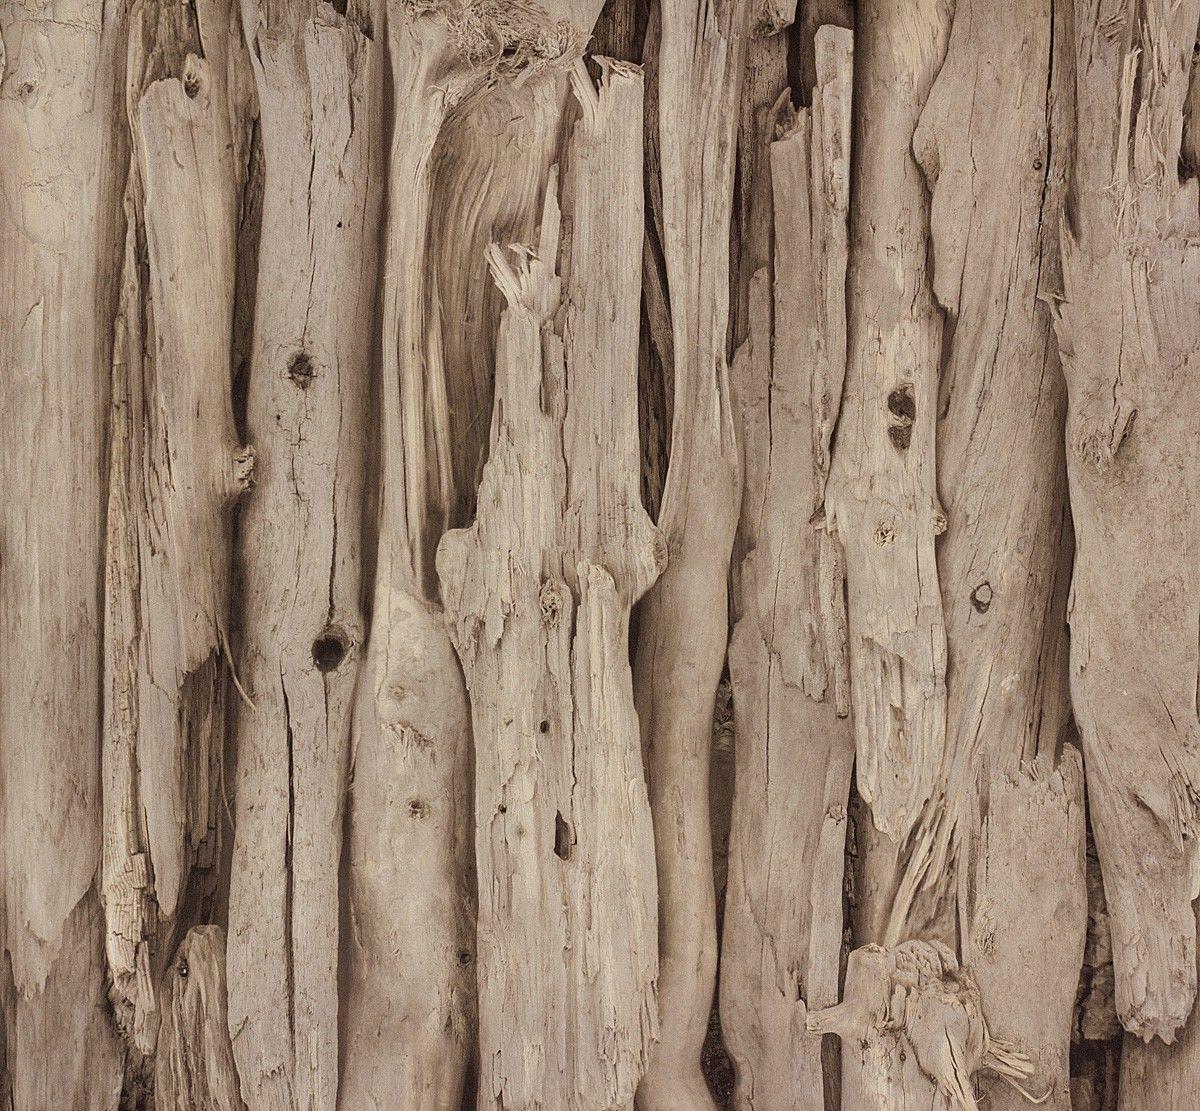 Tapete HolzOptik Treibholz Vintage Rasch Braun 273304  Hintergrund in 2019  Tapete holz